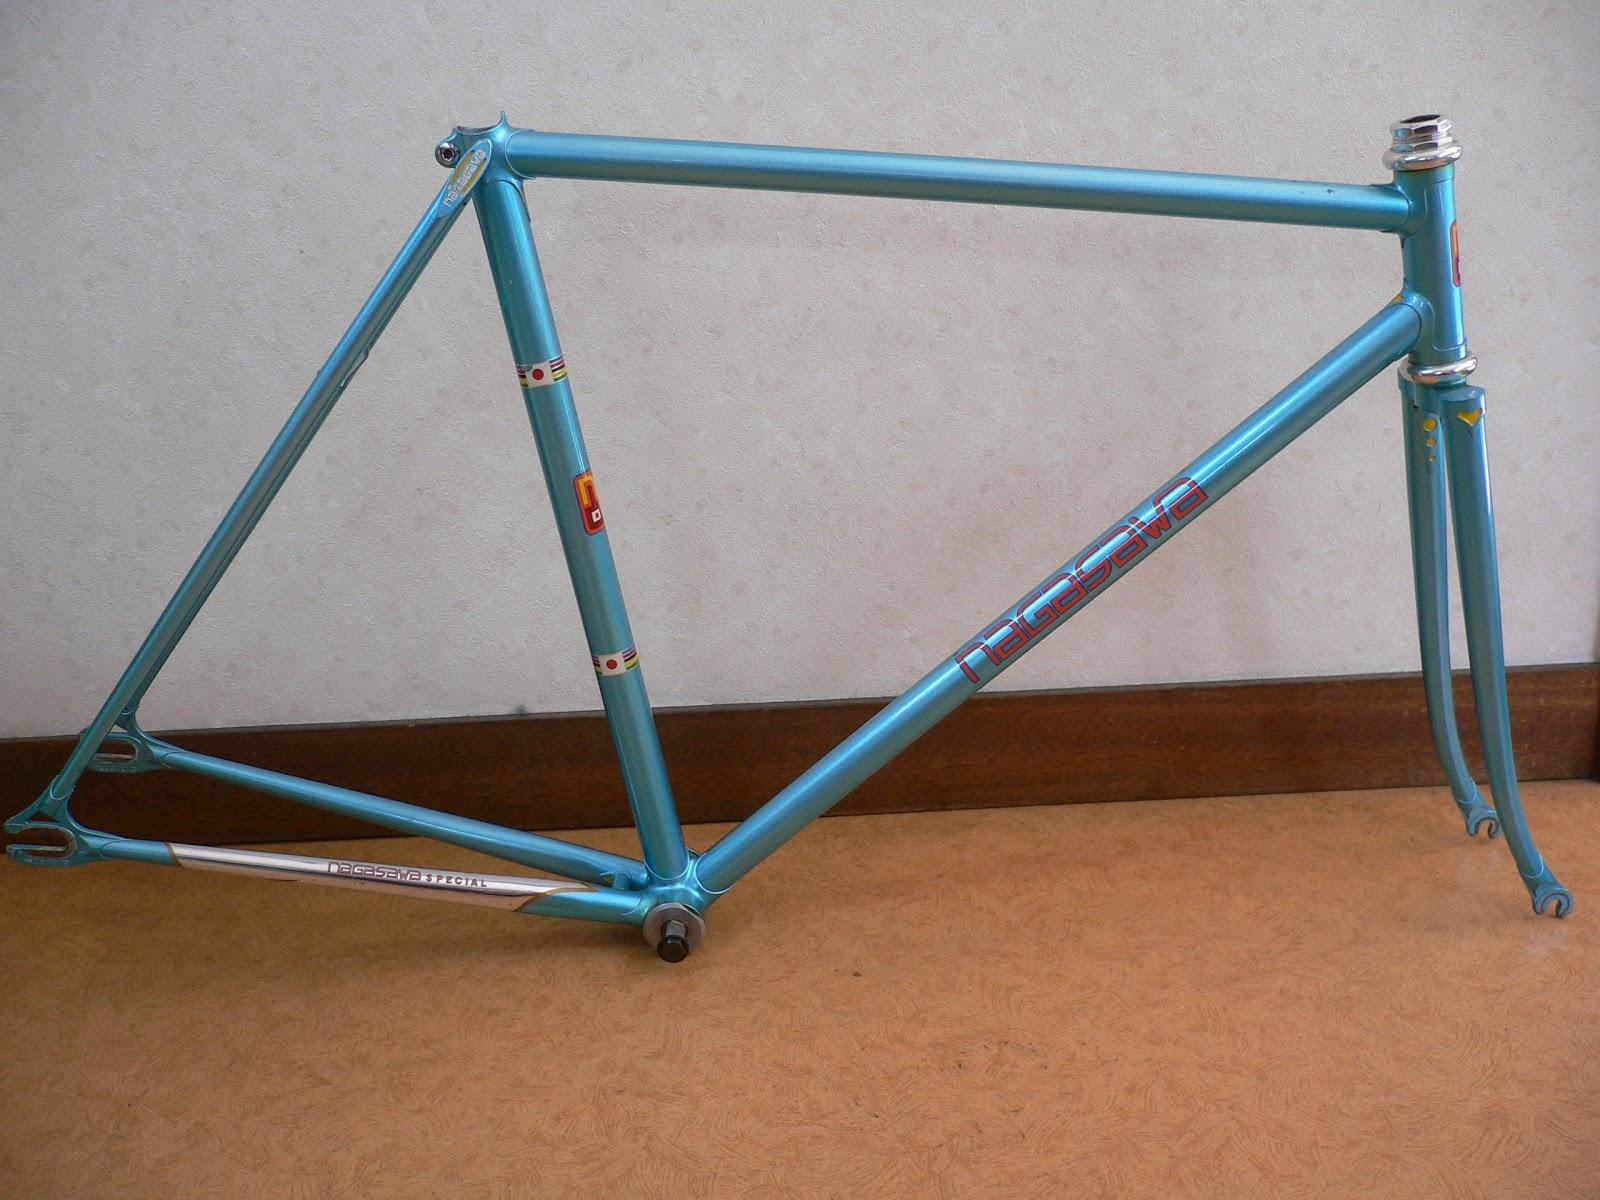 njs keirin track bike &frame for sell: NAGASAWA njs keirin frame for ...